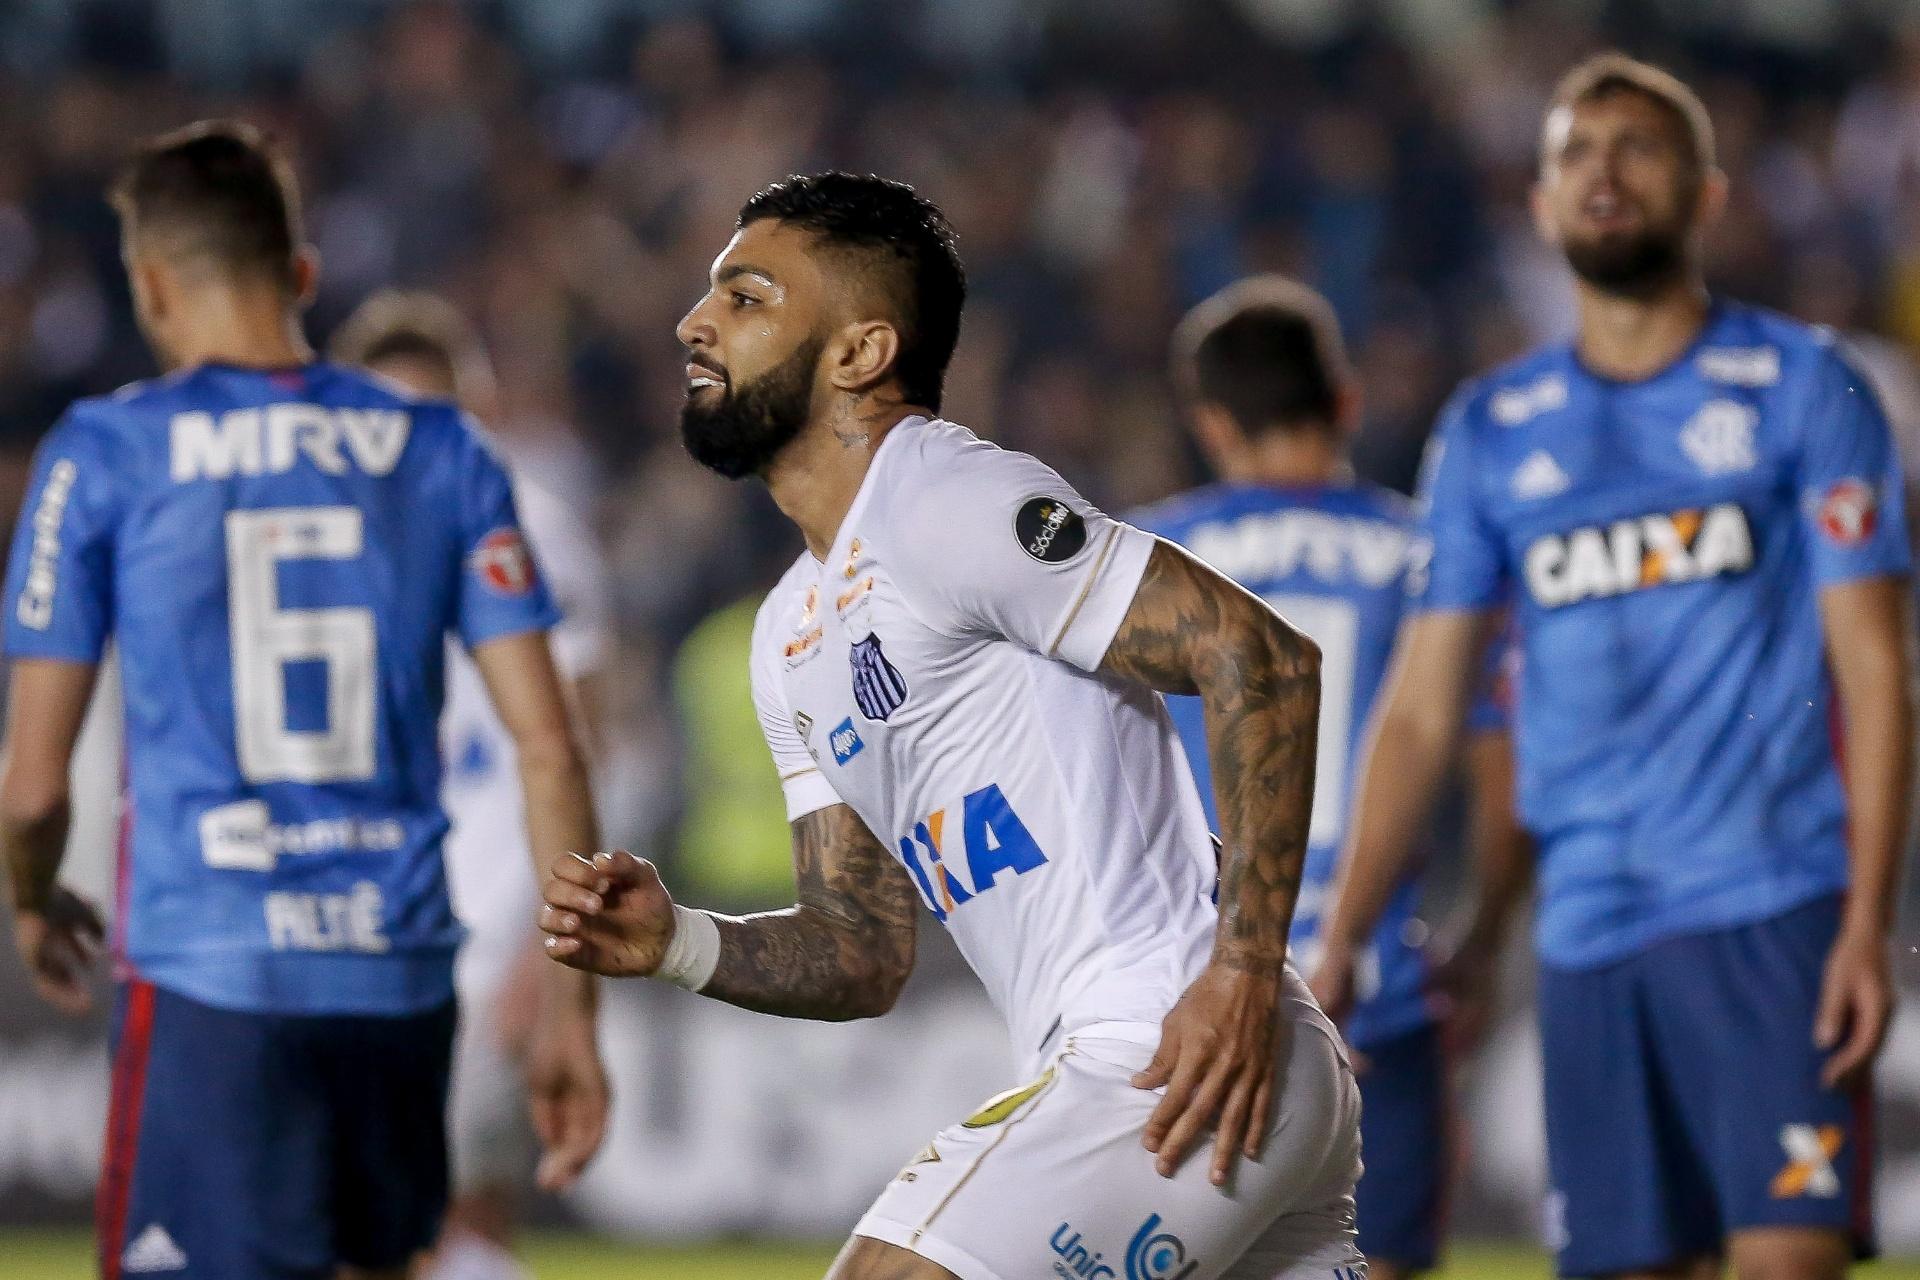 Santos e Flamengo empatam em jogo de bons dribles na Vila - 25 07 2018 -  UOL Esporte 55a53fc03c610